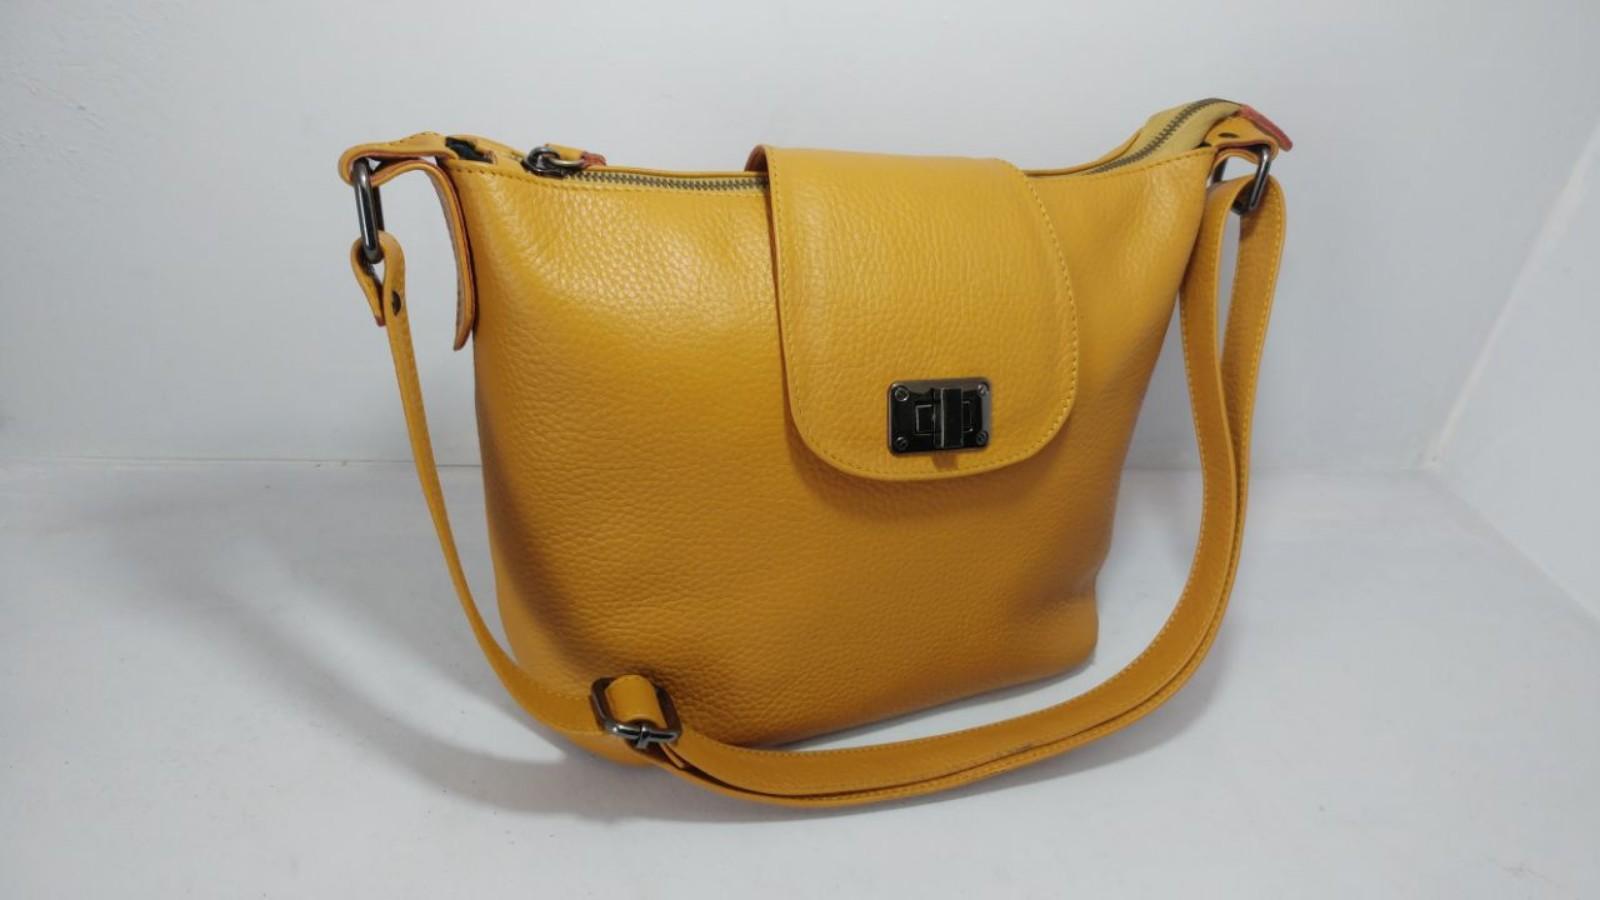 ... Tas Modis Kulit Sapi Asli Tas Wanita Bahu Messenger Tas selempang cewek  lembut original leather Original ... f126b65112